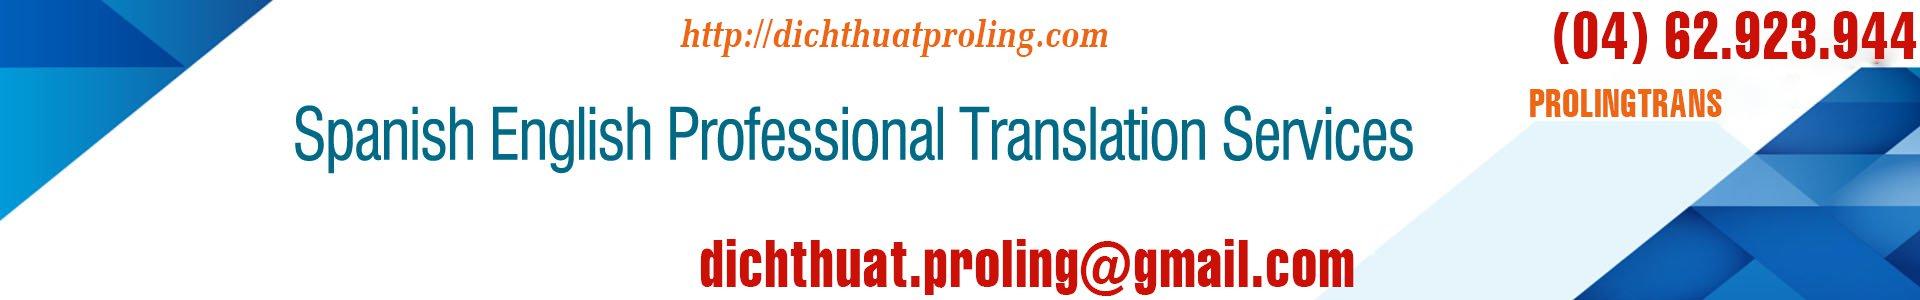 Công ty chuyên dịch tiếng tây ban nha sang tiếng ANh - tiếng Việt Nam